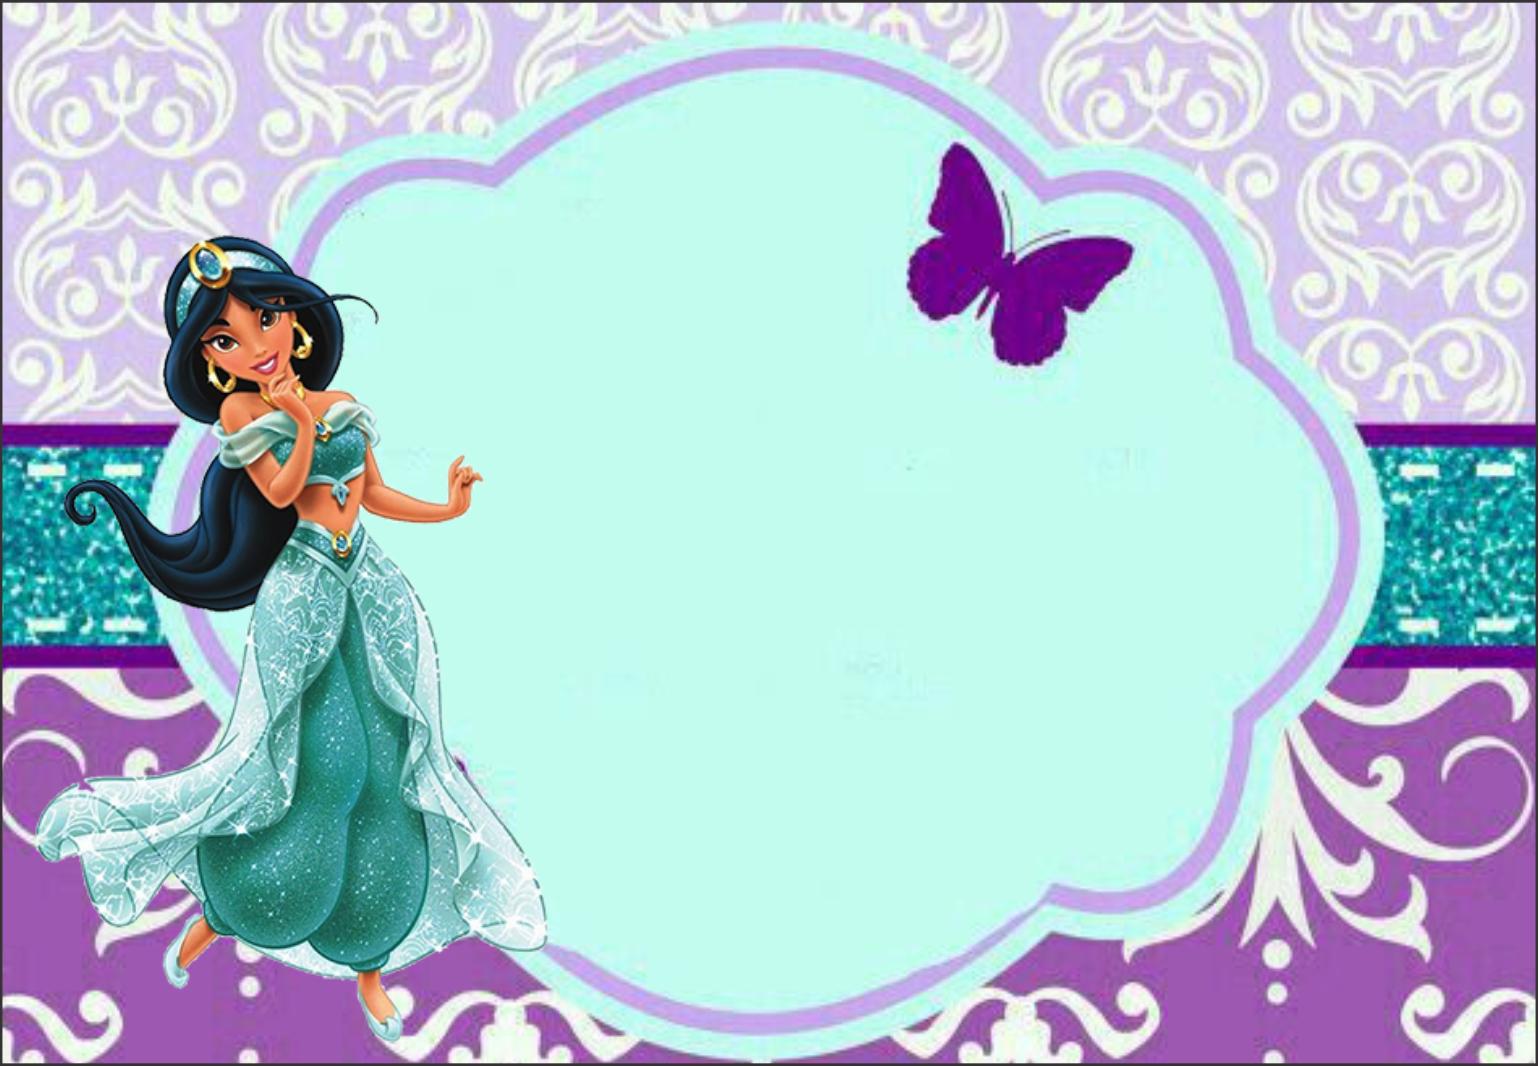 Pin de Arileyda en Fiesta de Chrisleyda jazmín en 2019 Princesa jazmín, Fiesta de jazmí